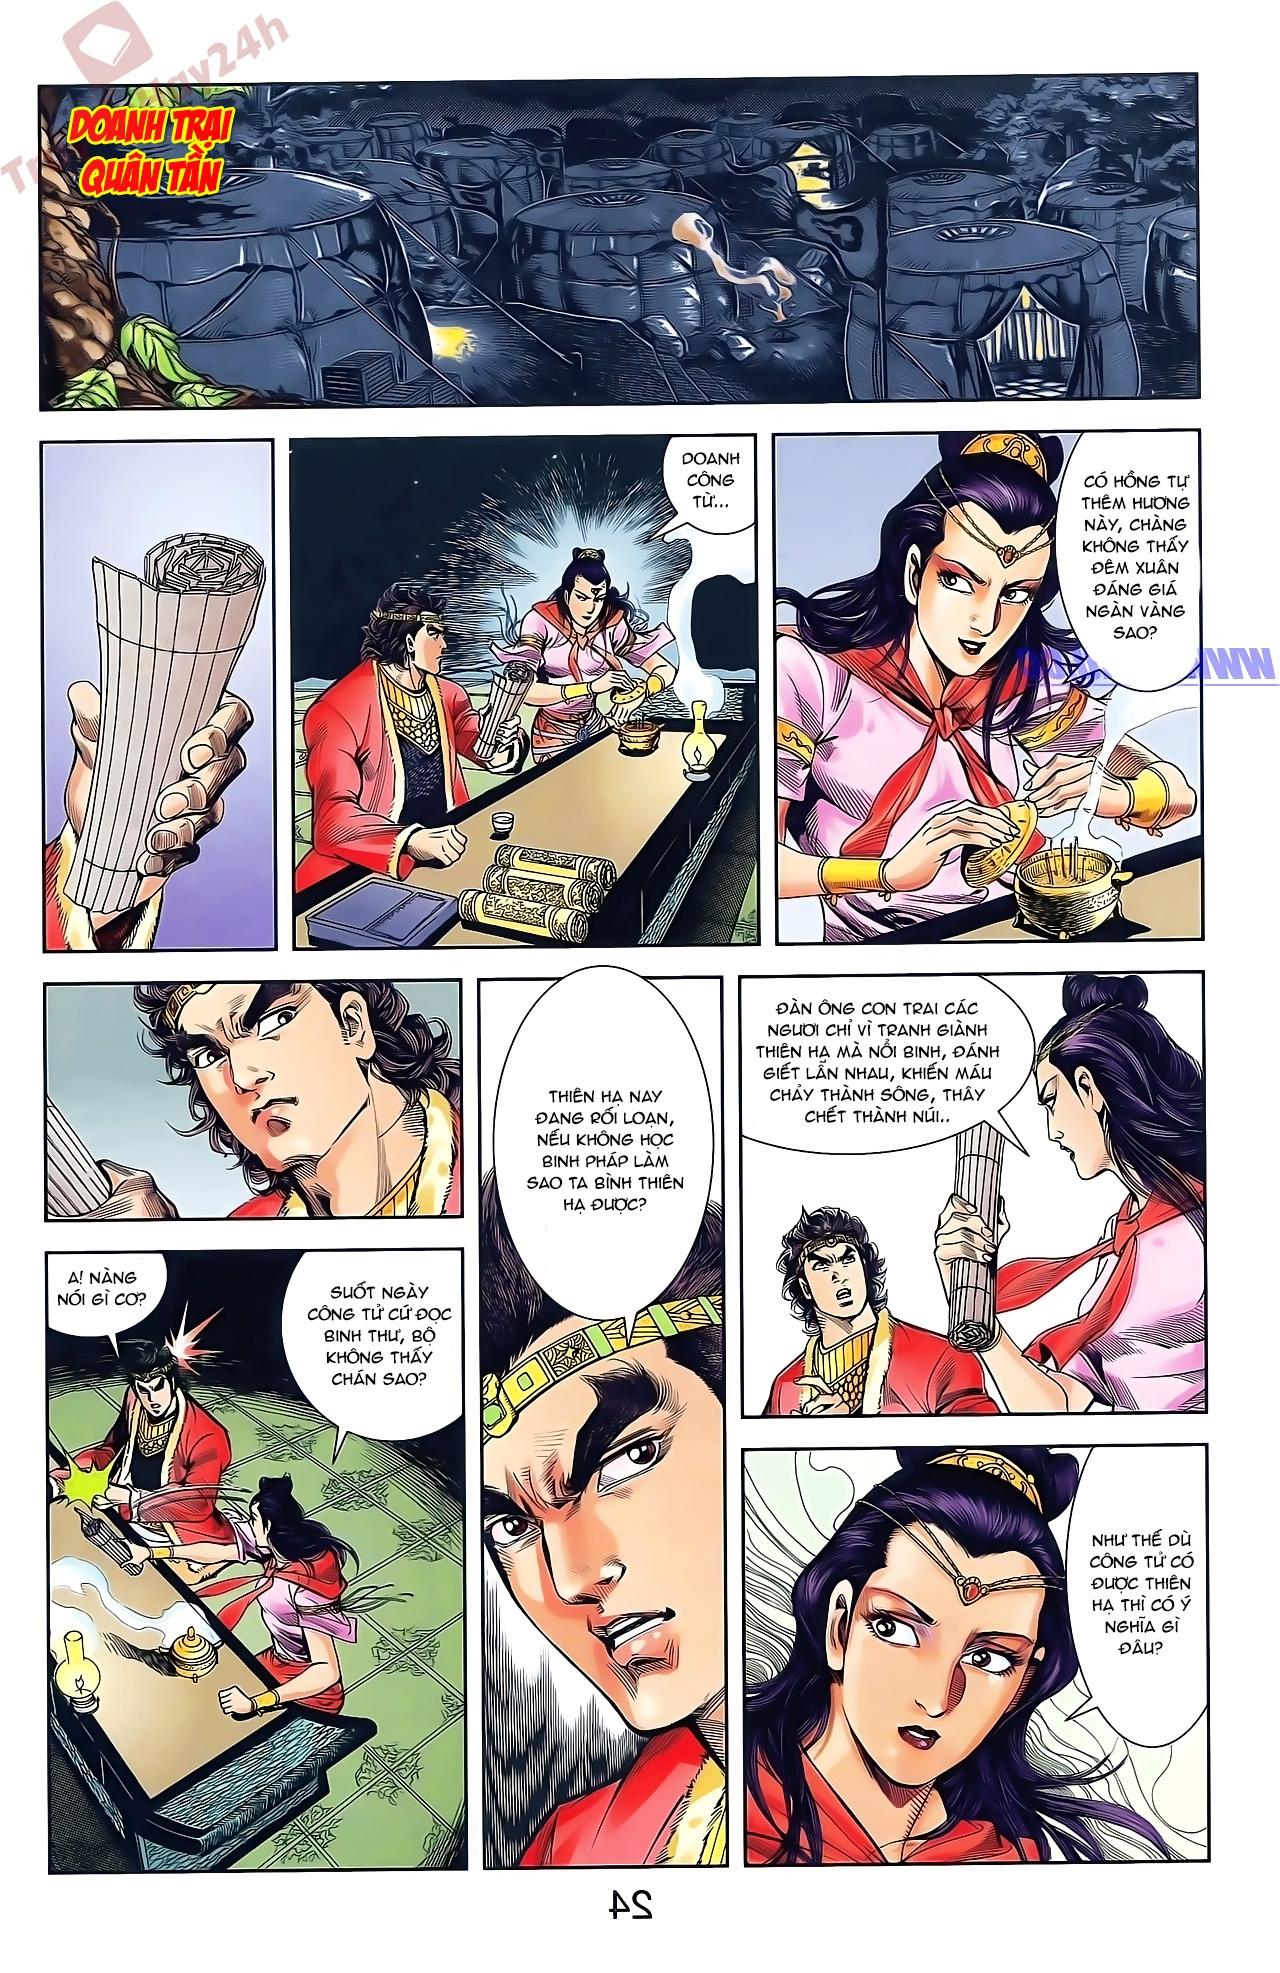 Tần Vương Doanh Chính chapter 48 trang 10